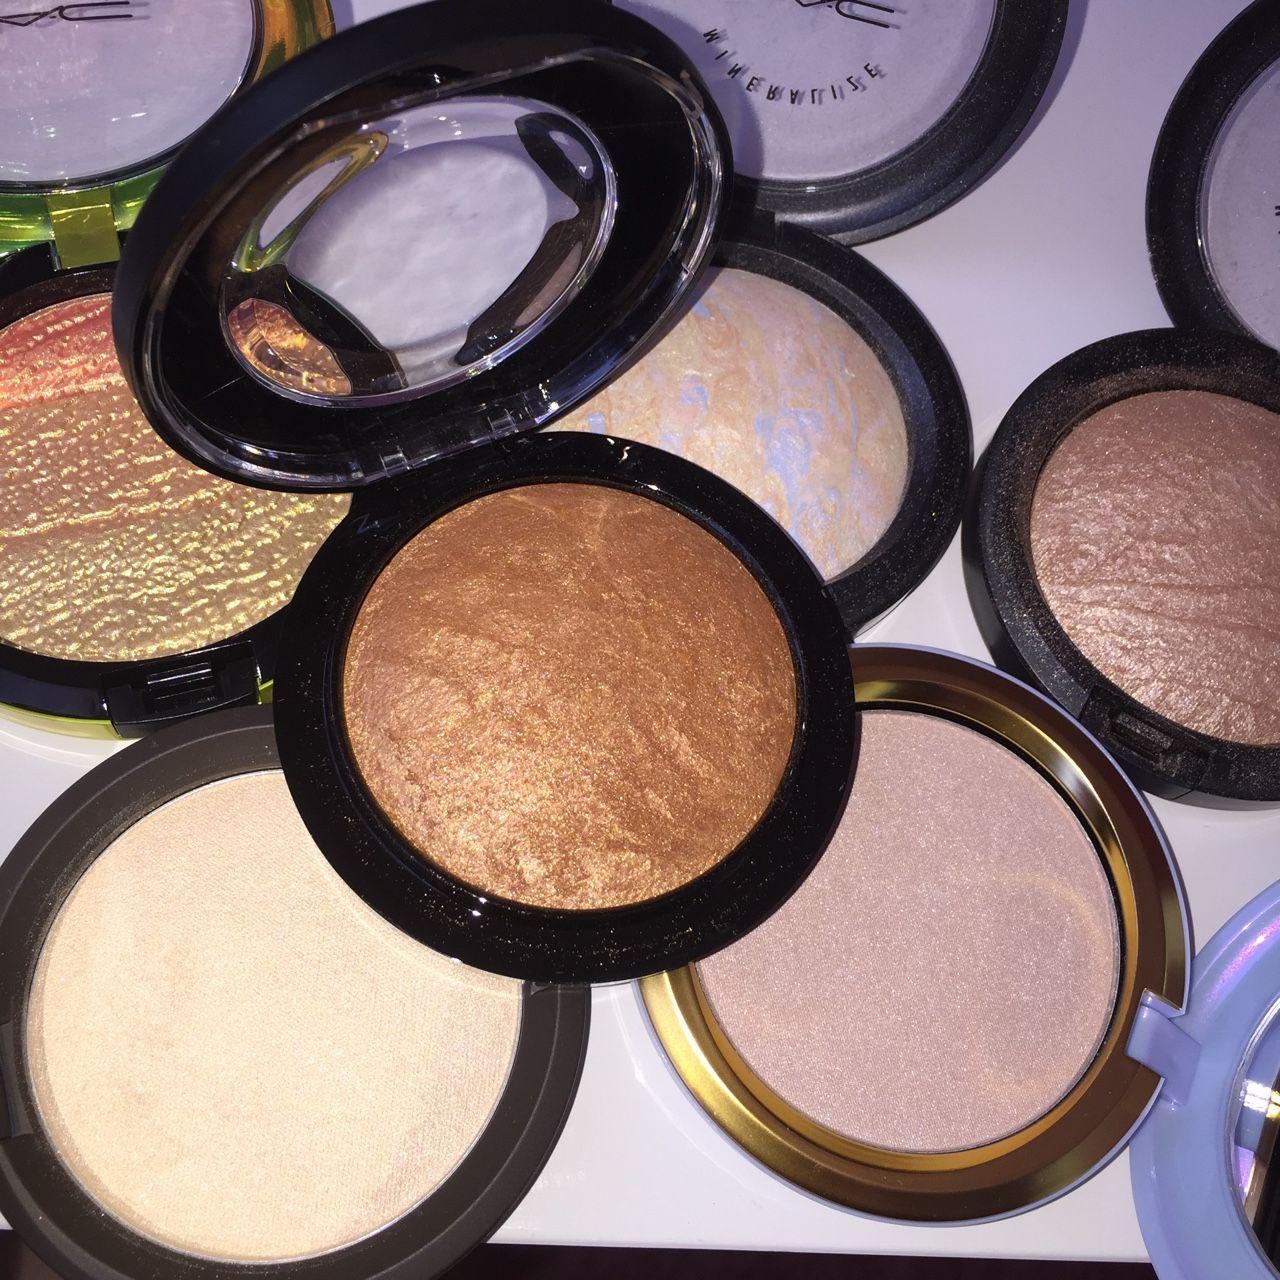 pinterest wrngoxe Skin makeup, Face makeup tips, Makeup